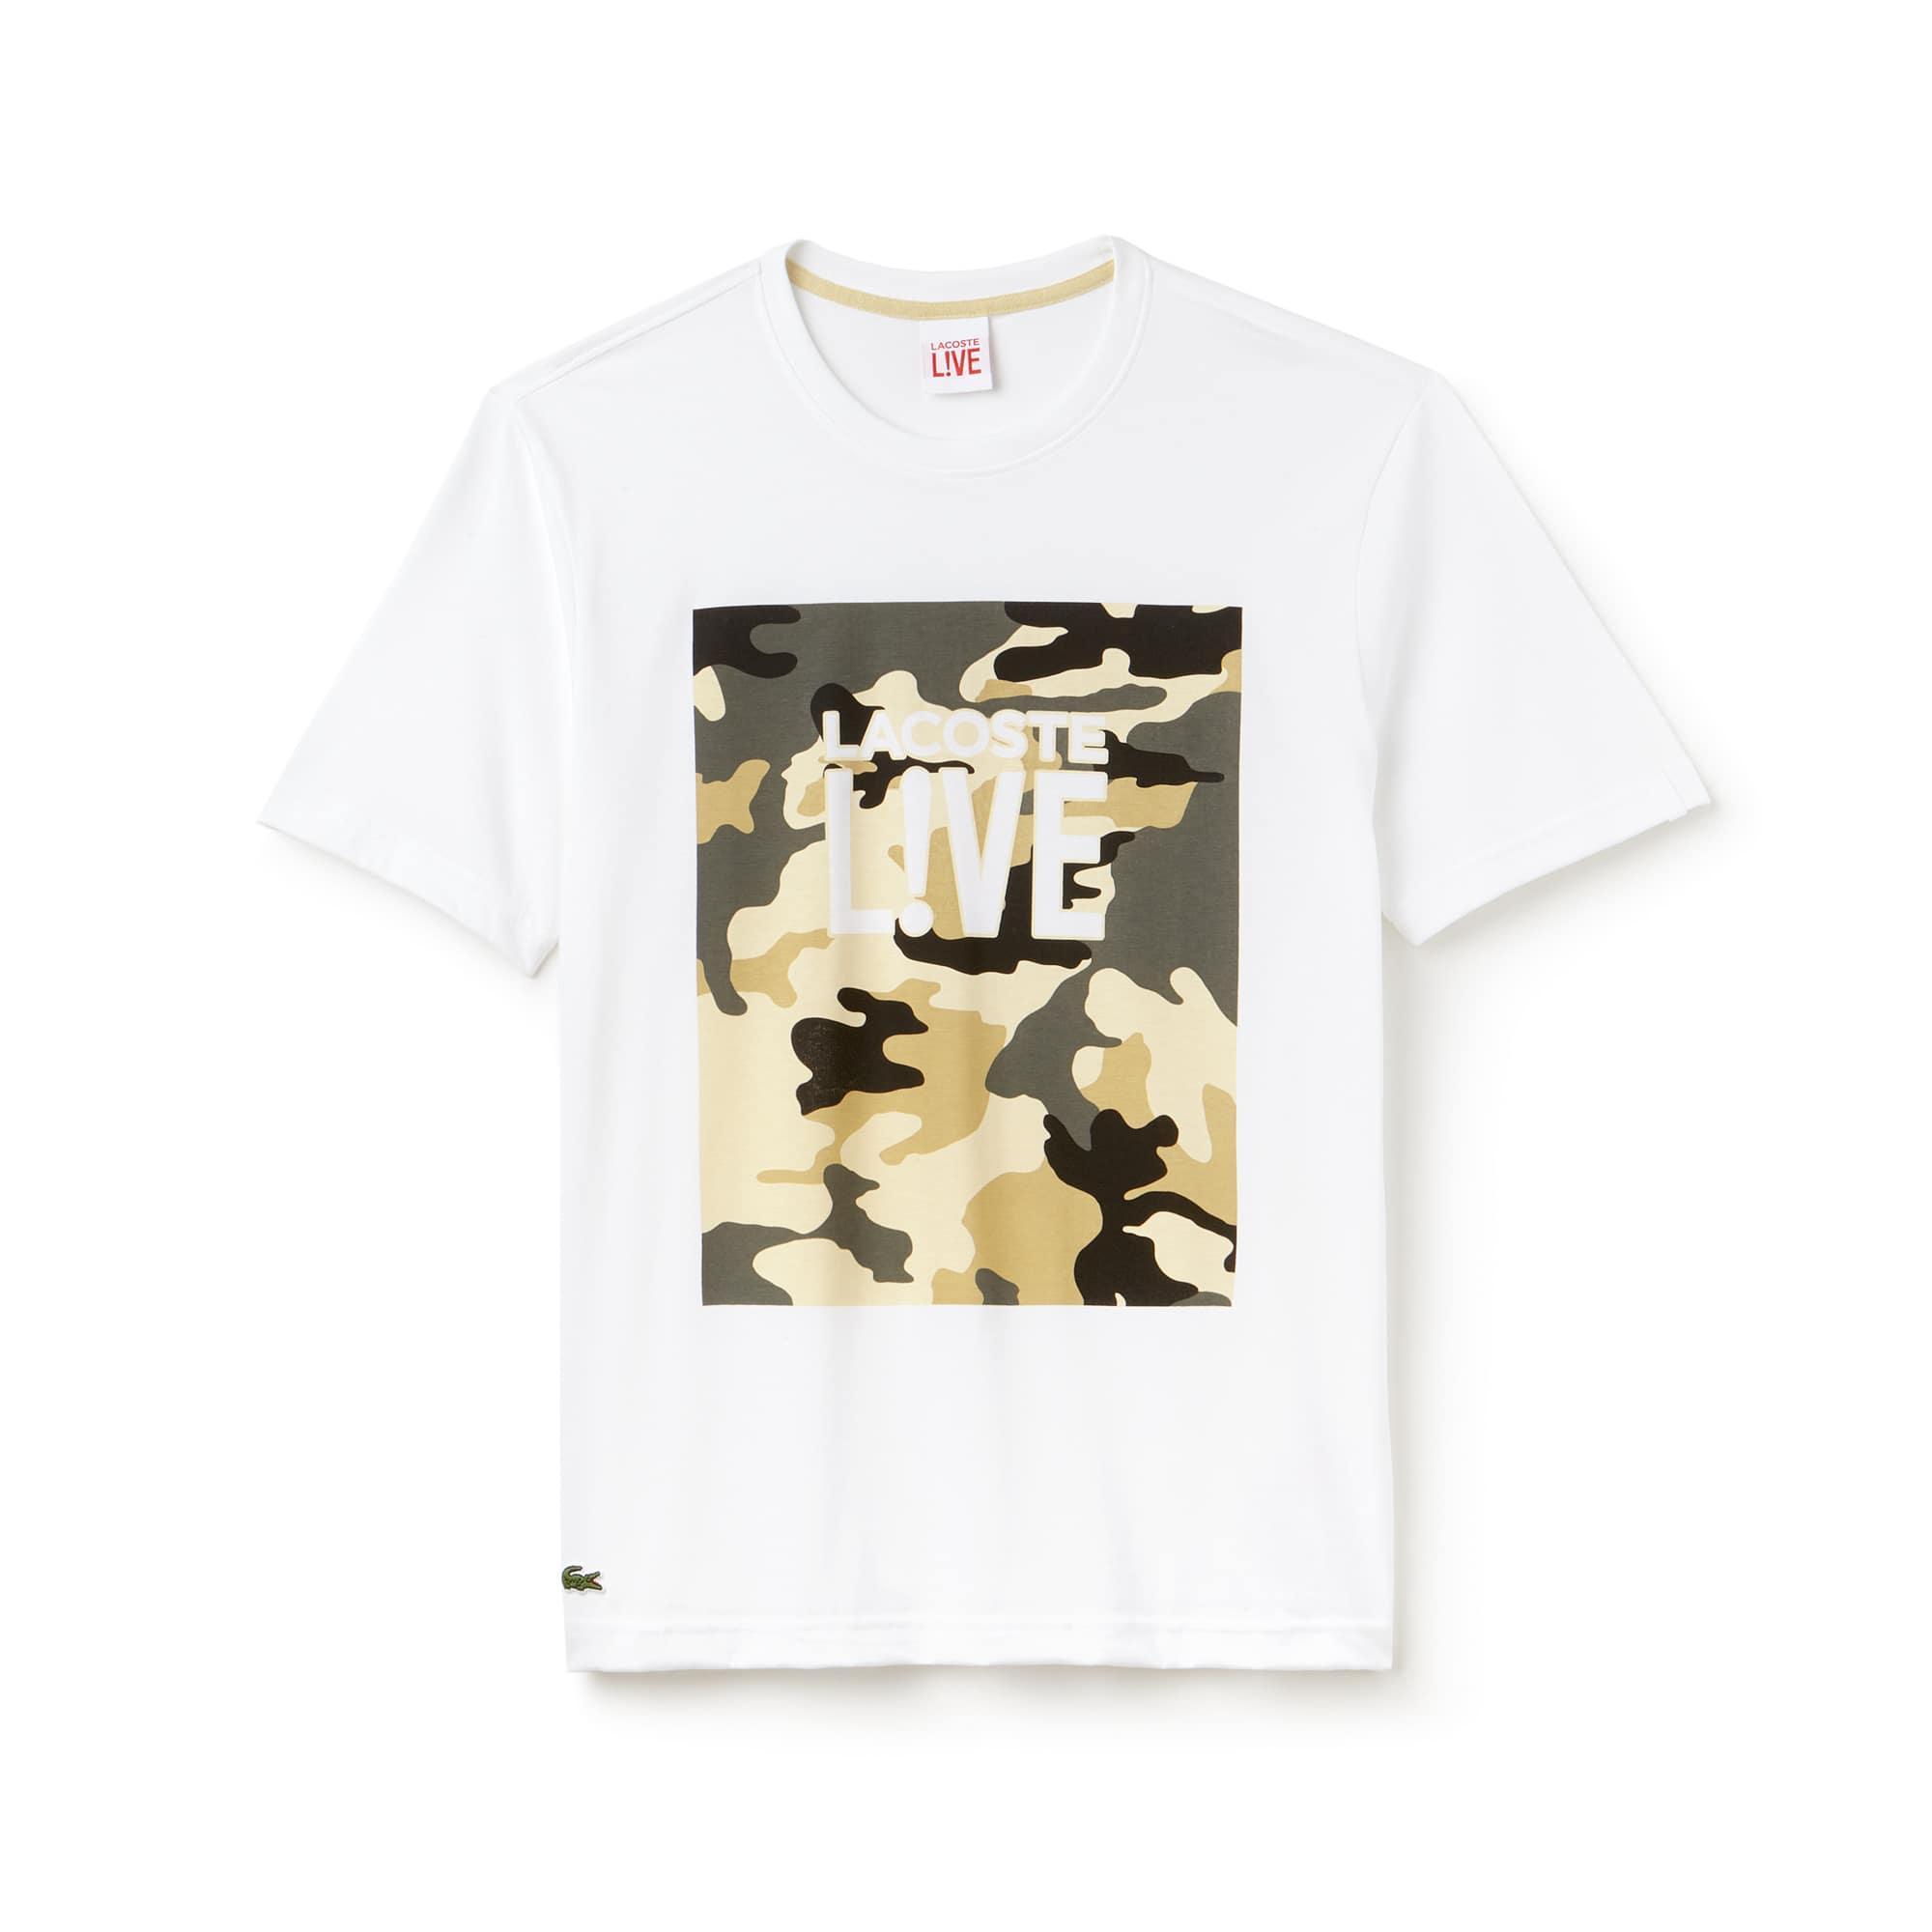 T-shirt decote redondo Lacoste LIVE em jersey com marcação impressa